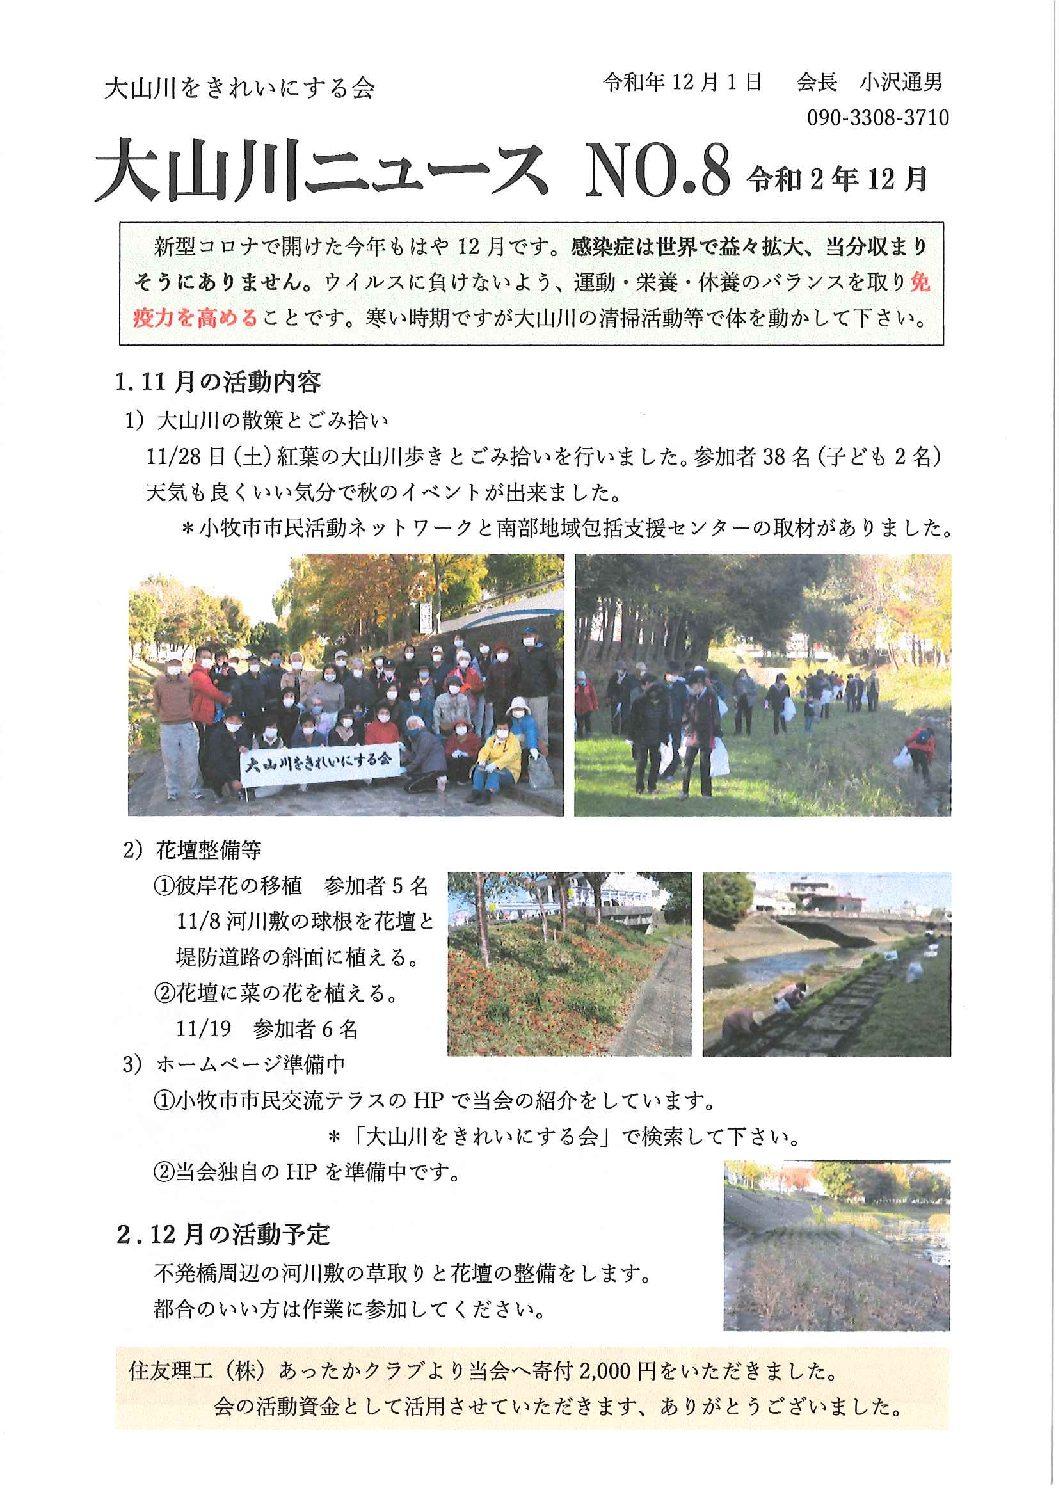 ooyamagawa201130-1